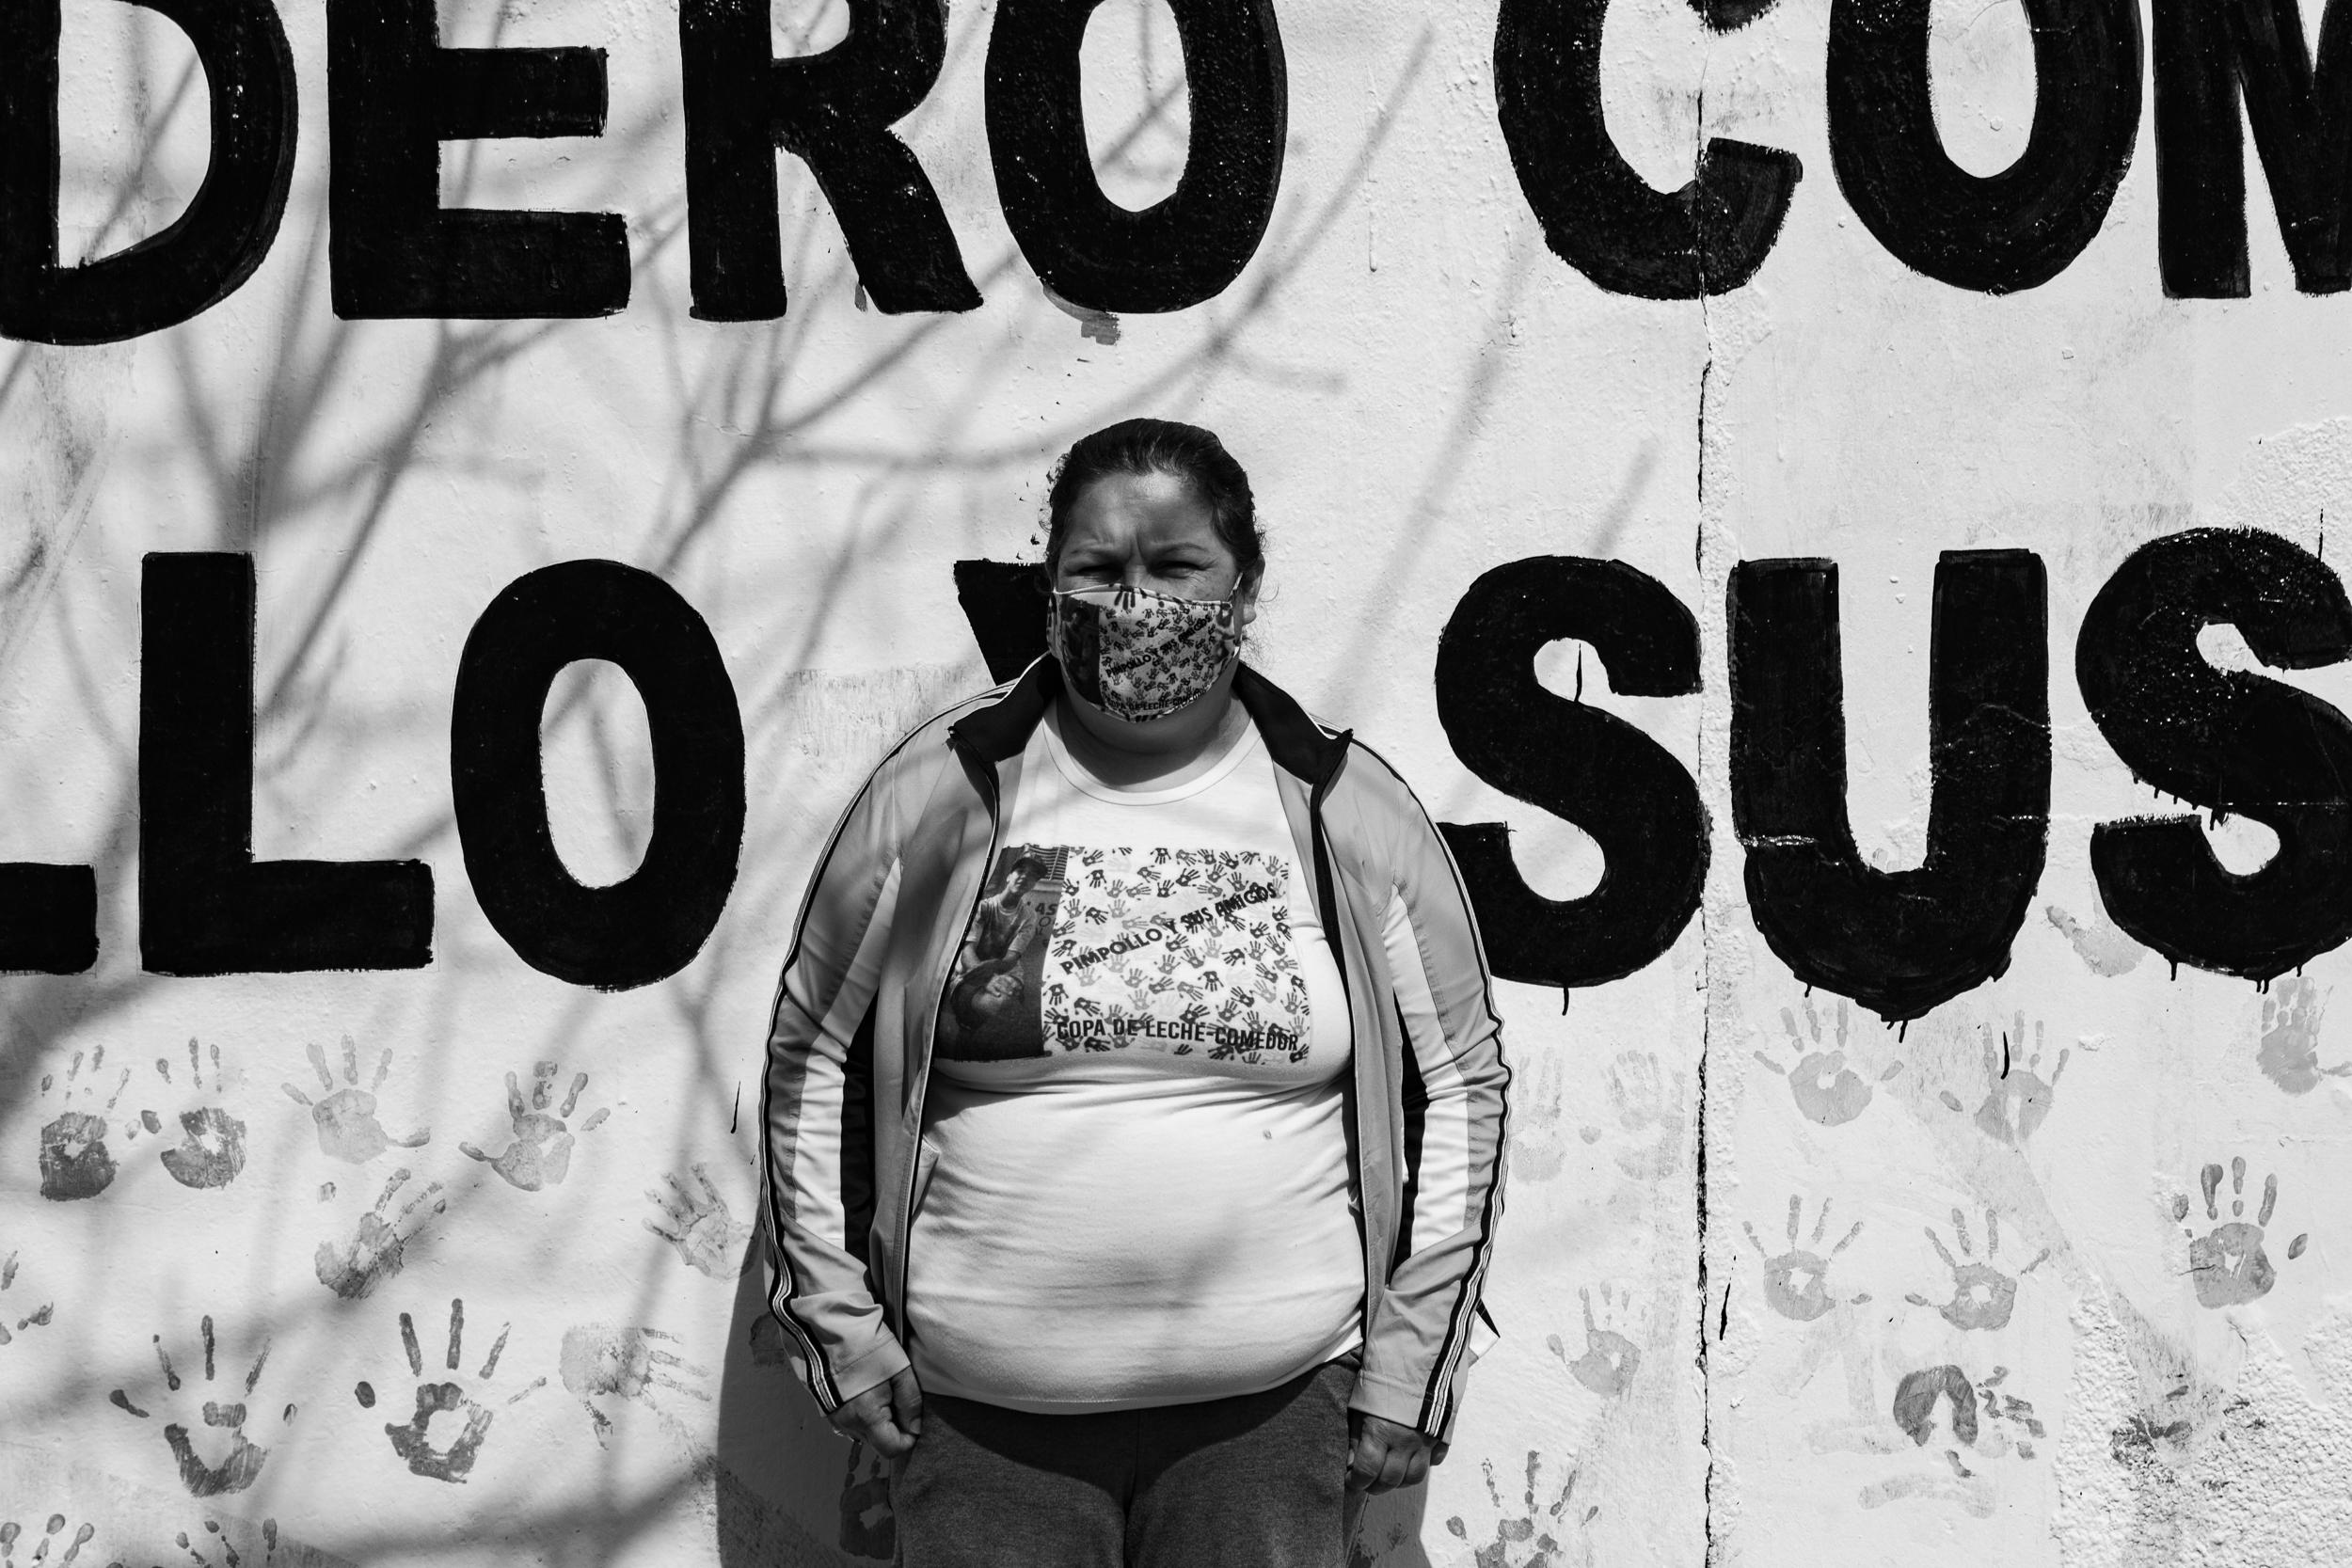 fotogalería-Merendero-Pimpollo-Brian-Waiman-Barrio-Ejército-Argentino-Gatillo-fácil-3